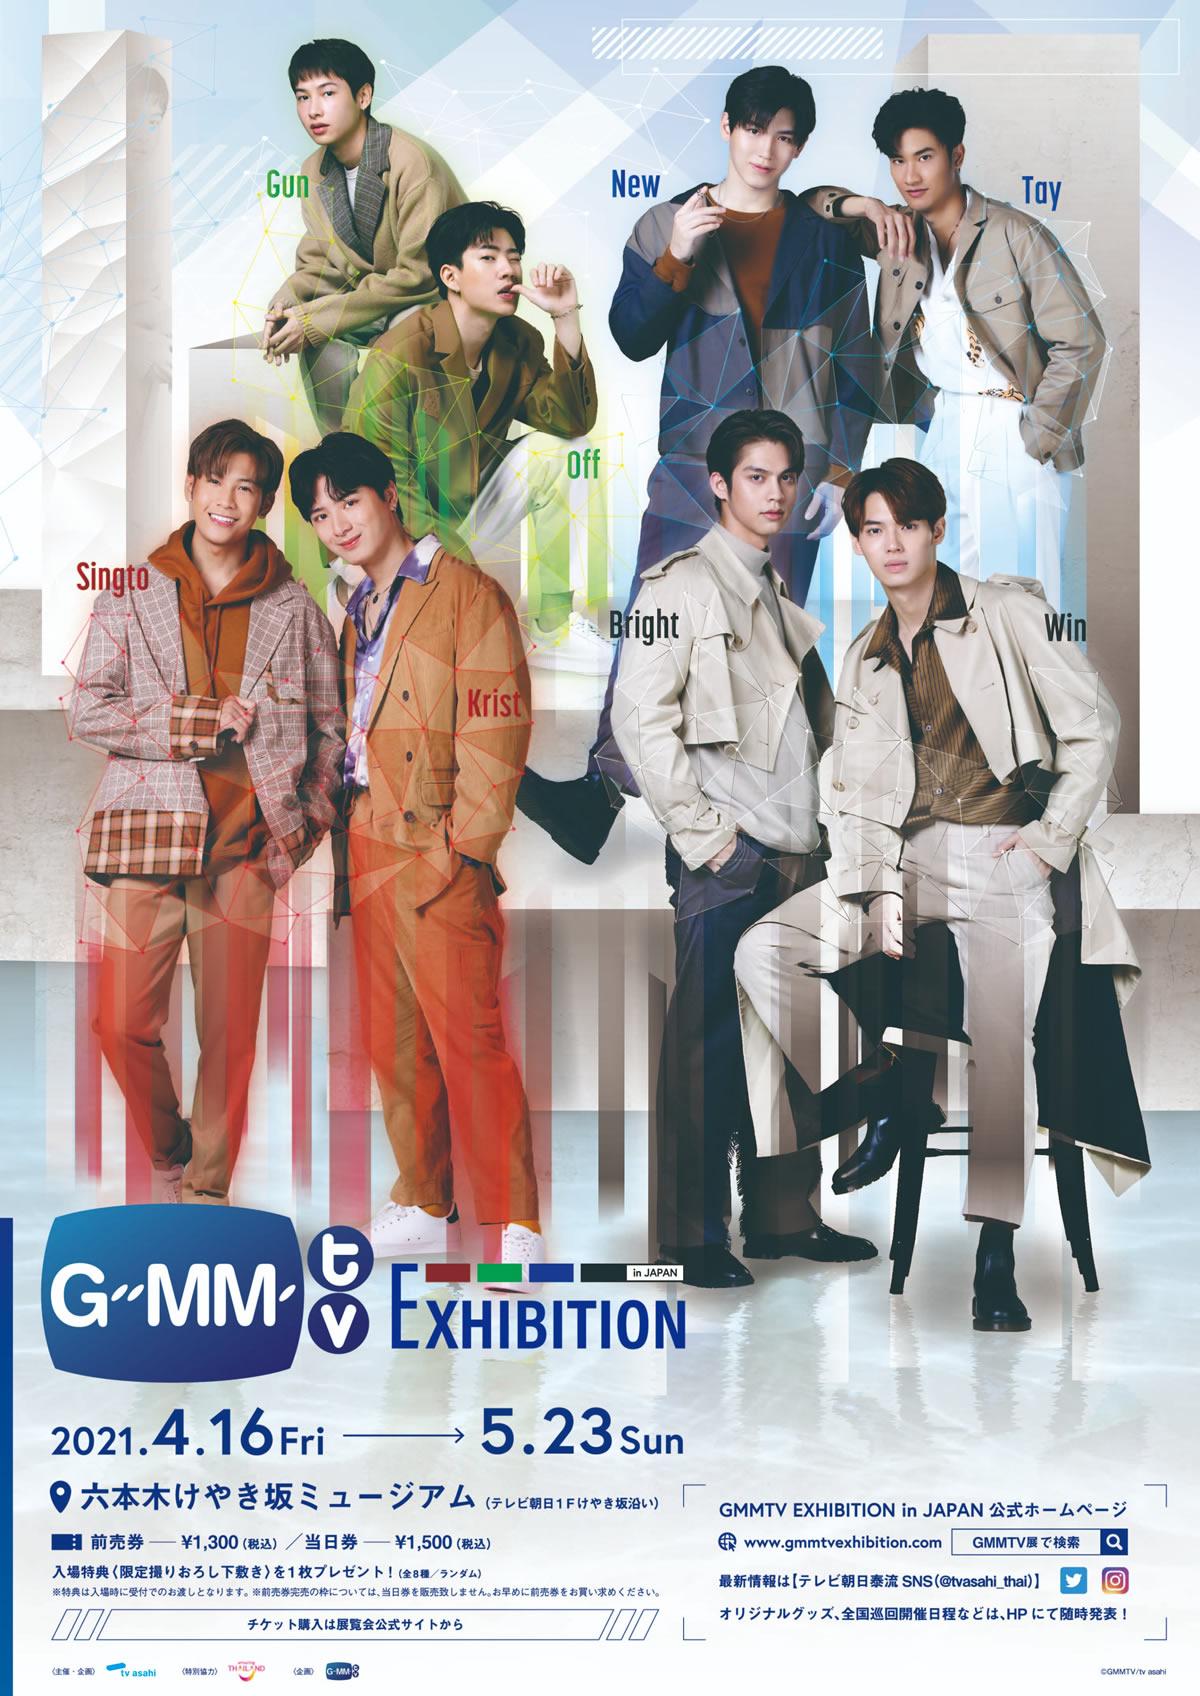 タイBLドラマ展覧会「GMMTV EXHIBITION in JAPAN」が東京・博多・仙台・大阪・名古屋で開催